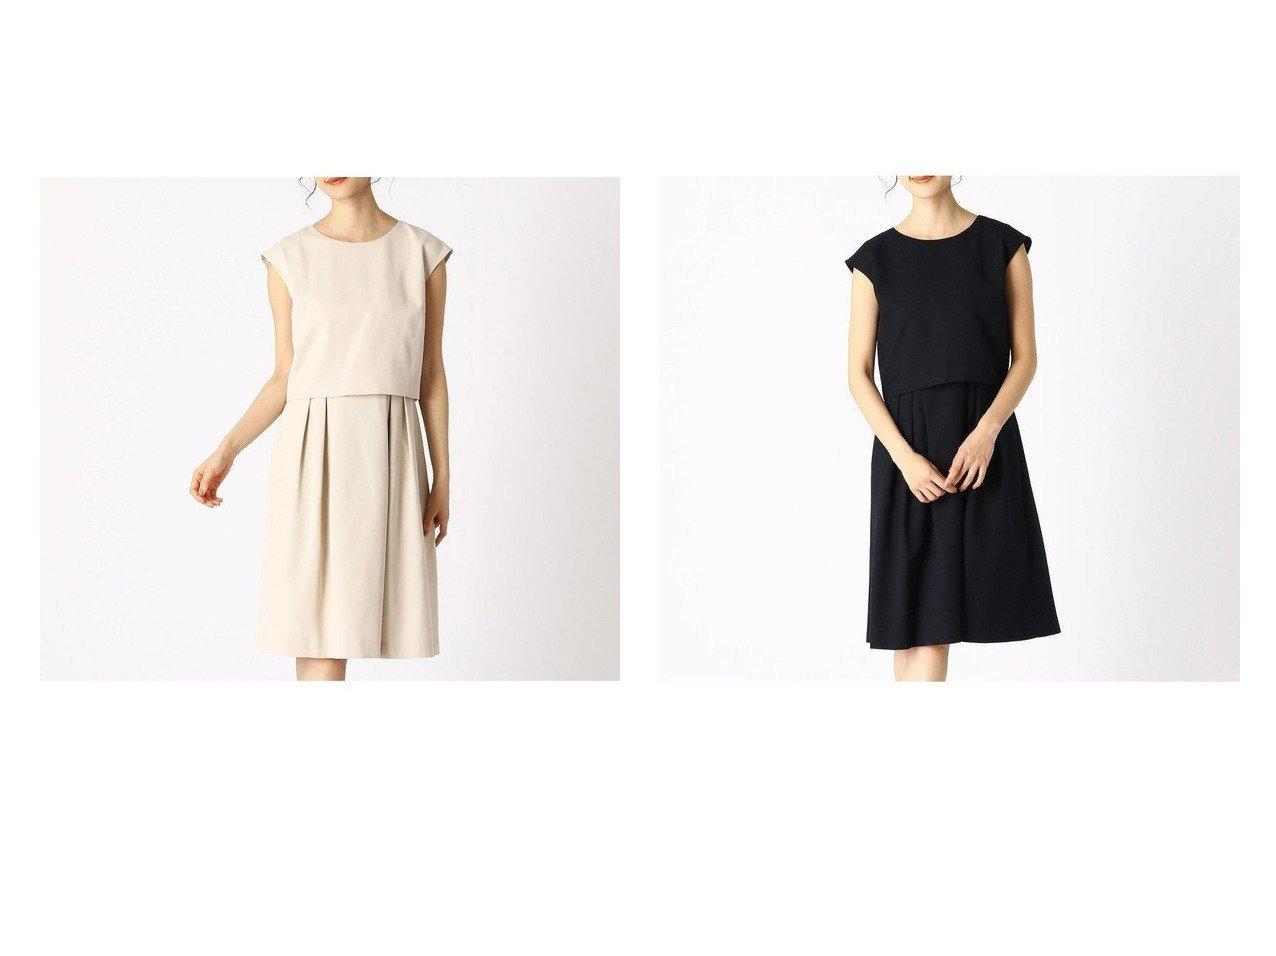 【COMME CA ISM/コムサイズム】のセットアップ対応 レイヤードワンピース ワンピース・ドレスのおすすめ!人気、トレンド・レディースファッションの通販  おすすめで人気の流行・トレンド、ファッションの通販商品 メンズファッション・キッズファッション・インテリア・家具・レディースファッション・服の通販 founy(ファニー) https://founy.com/ ファッション Fashion レディースファッション WOMEN ワンピース Dress おすすめ Recommend ジャケット セットアップ セパレート フレア |ID:crp329100000022759